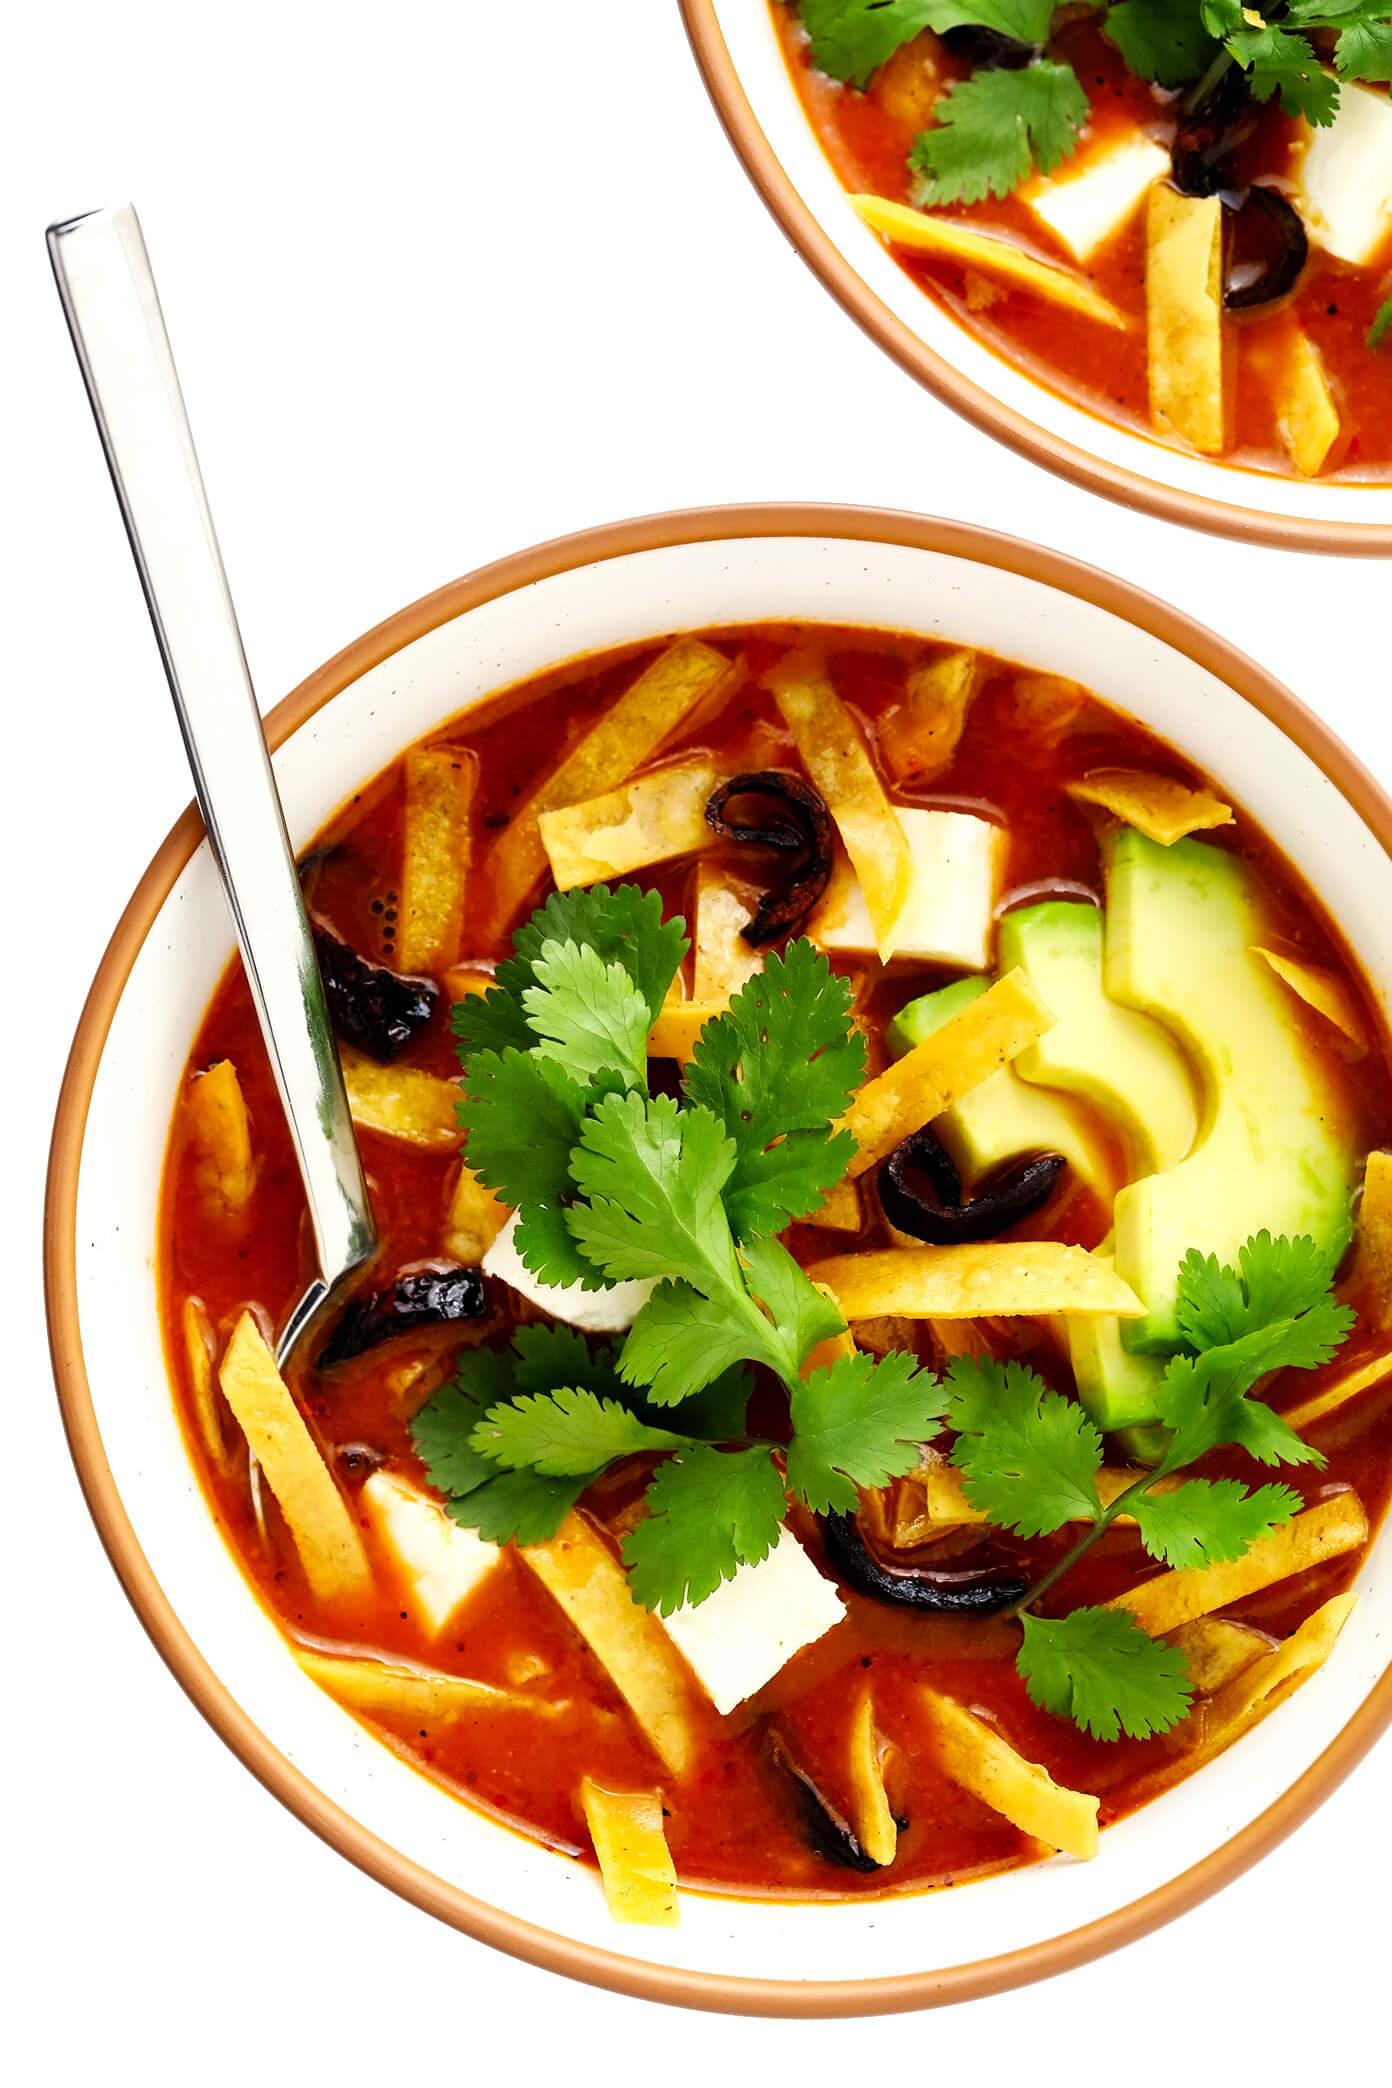 Sopa Azteca (Tortilla Soup) with Chicken and Avocado